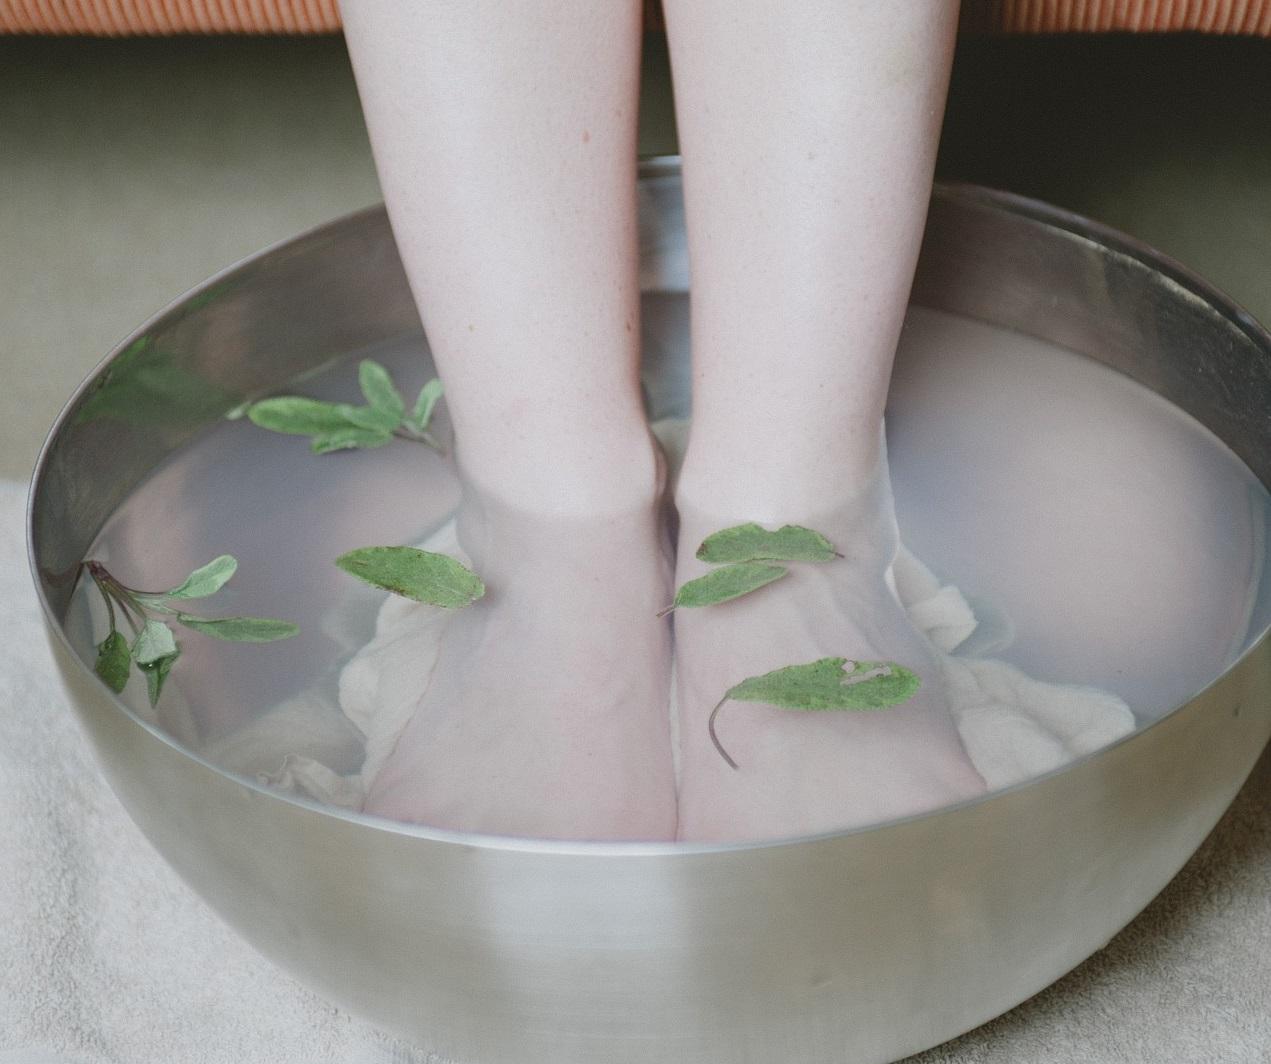 Pediluvio in gravidanza per i piedi gonfi: un rimedio naturale efficace